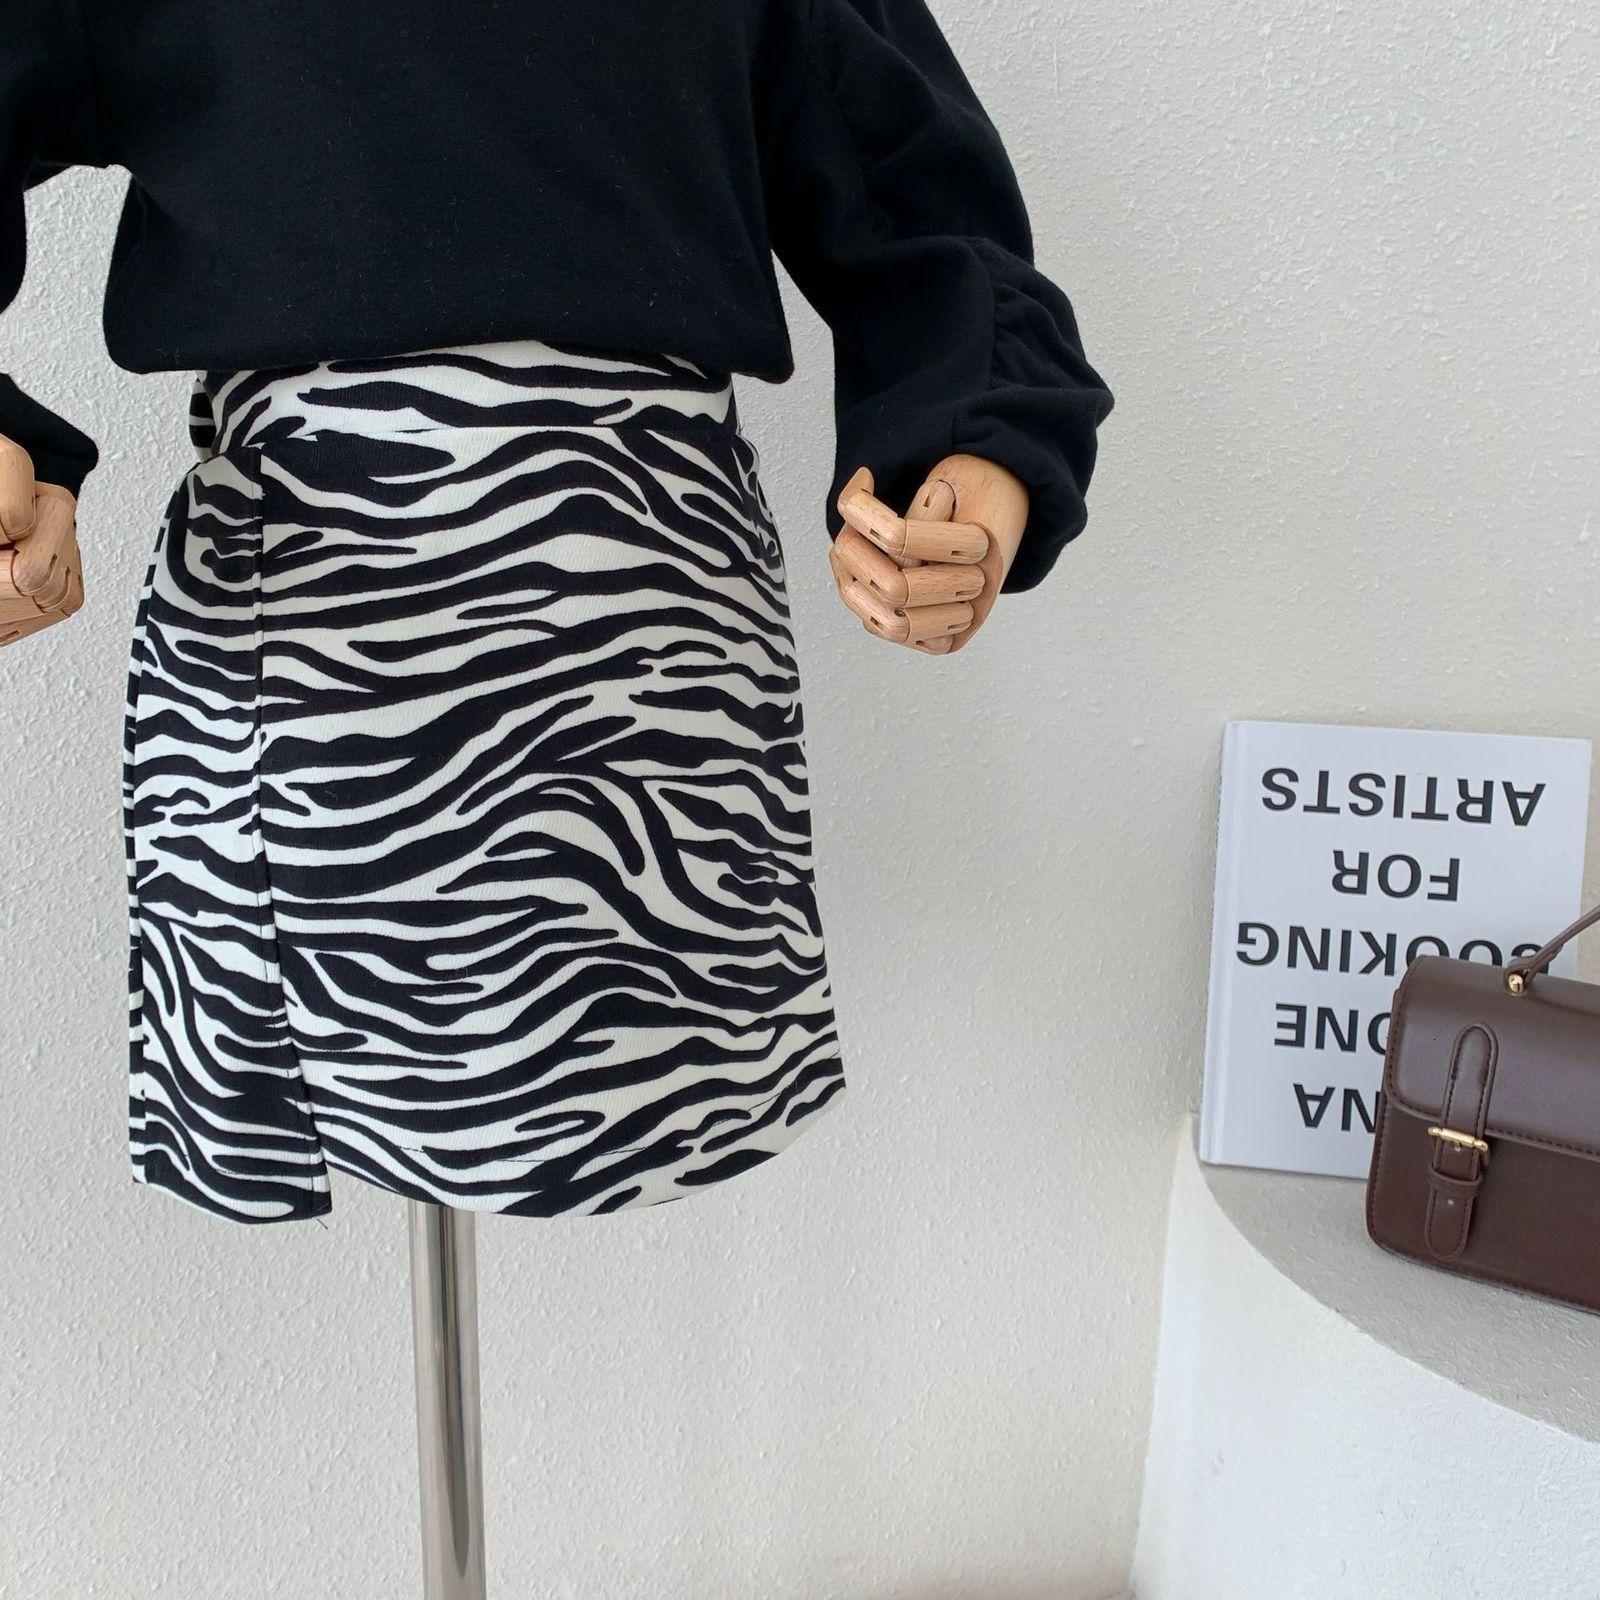 Yeni Çocuk Giysileri Zebra Desen Moda Kısa Etekler Sevimli Bebek Kız Yüksek Bel 2021 Yaz Femme İnce Alt Tatlı Rahat Streetwear 6N77